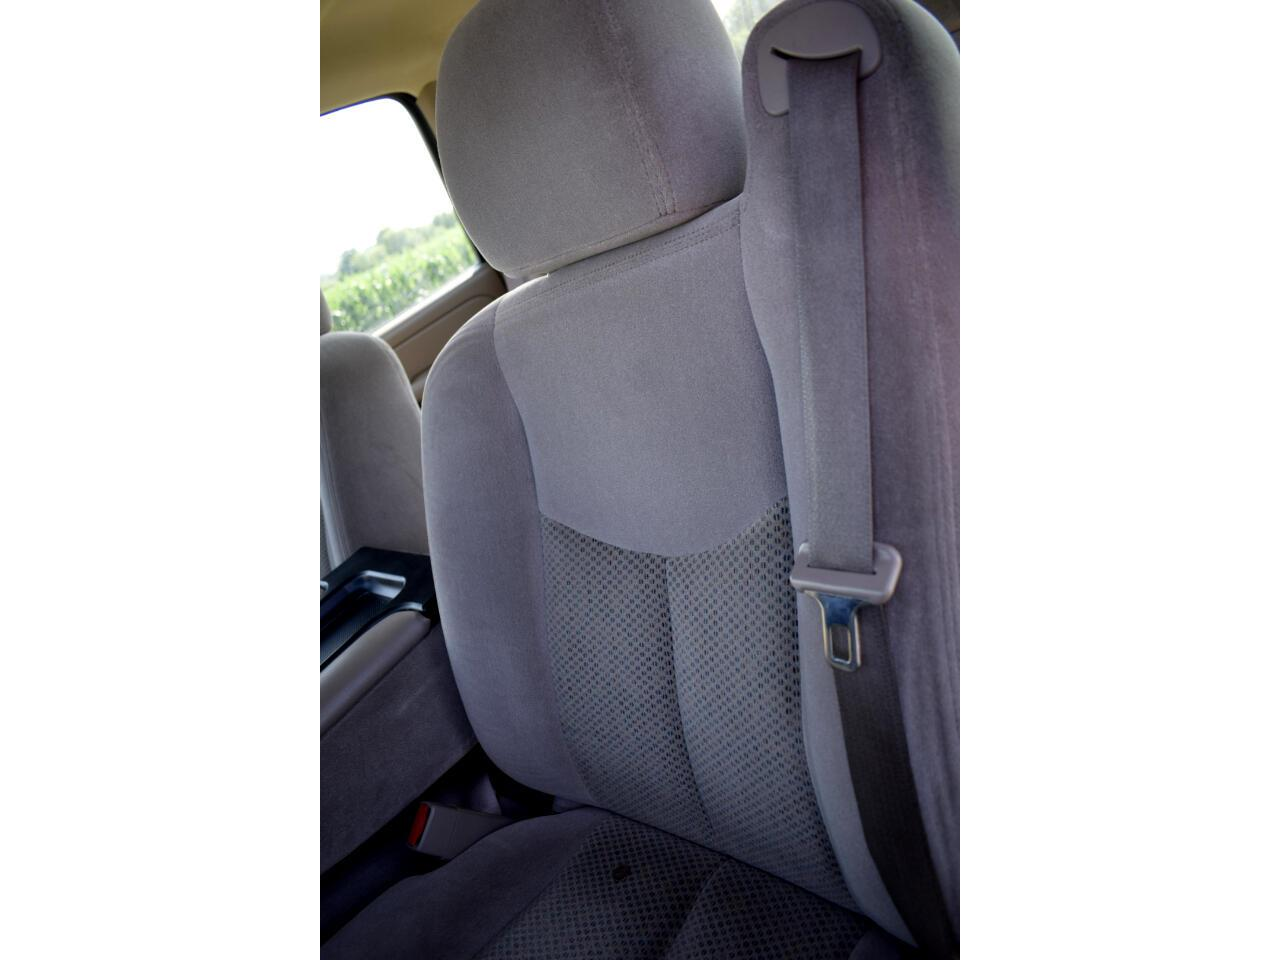 2007 Chevrolet Silverado (CC-1359979) for sale in Cicero, Indiana